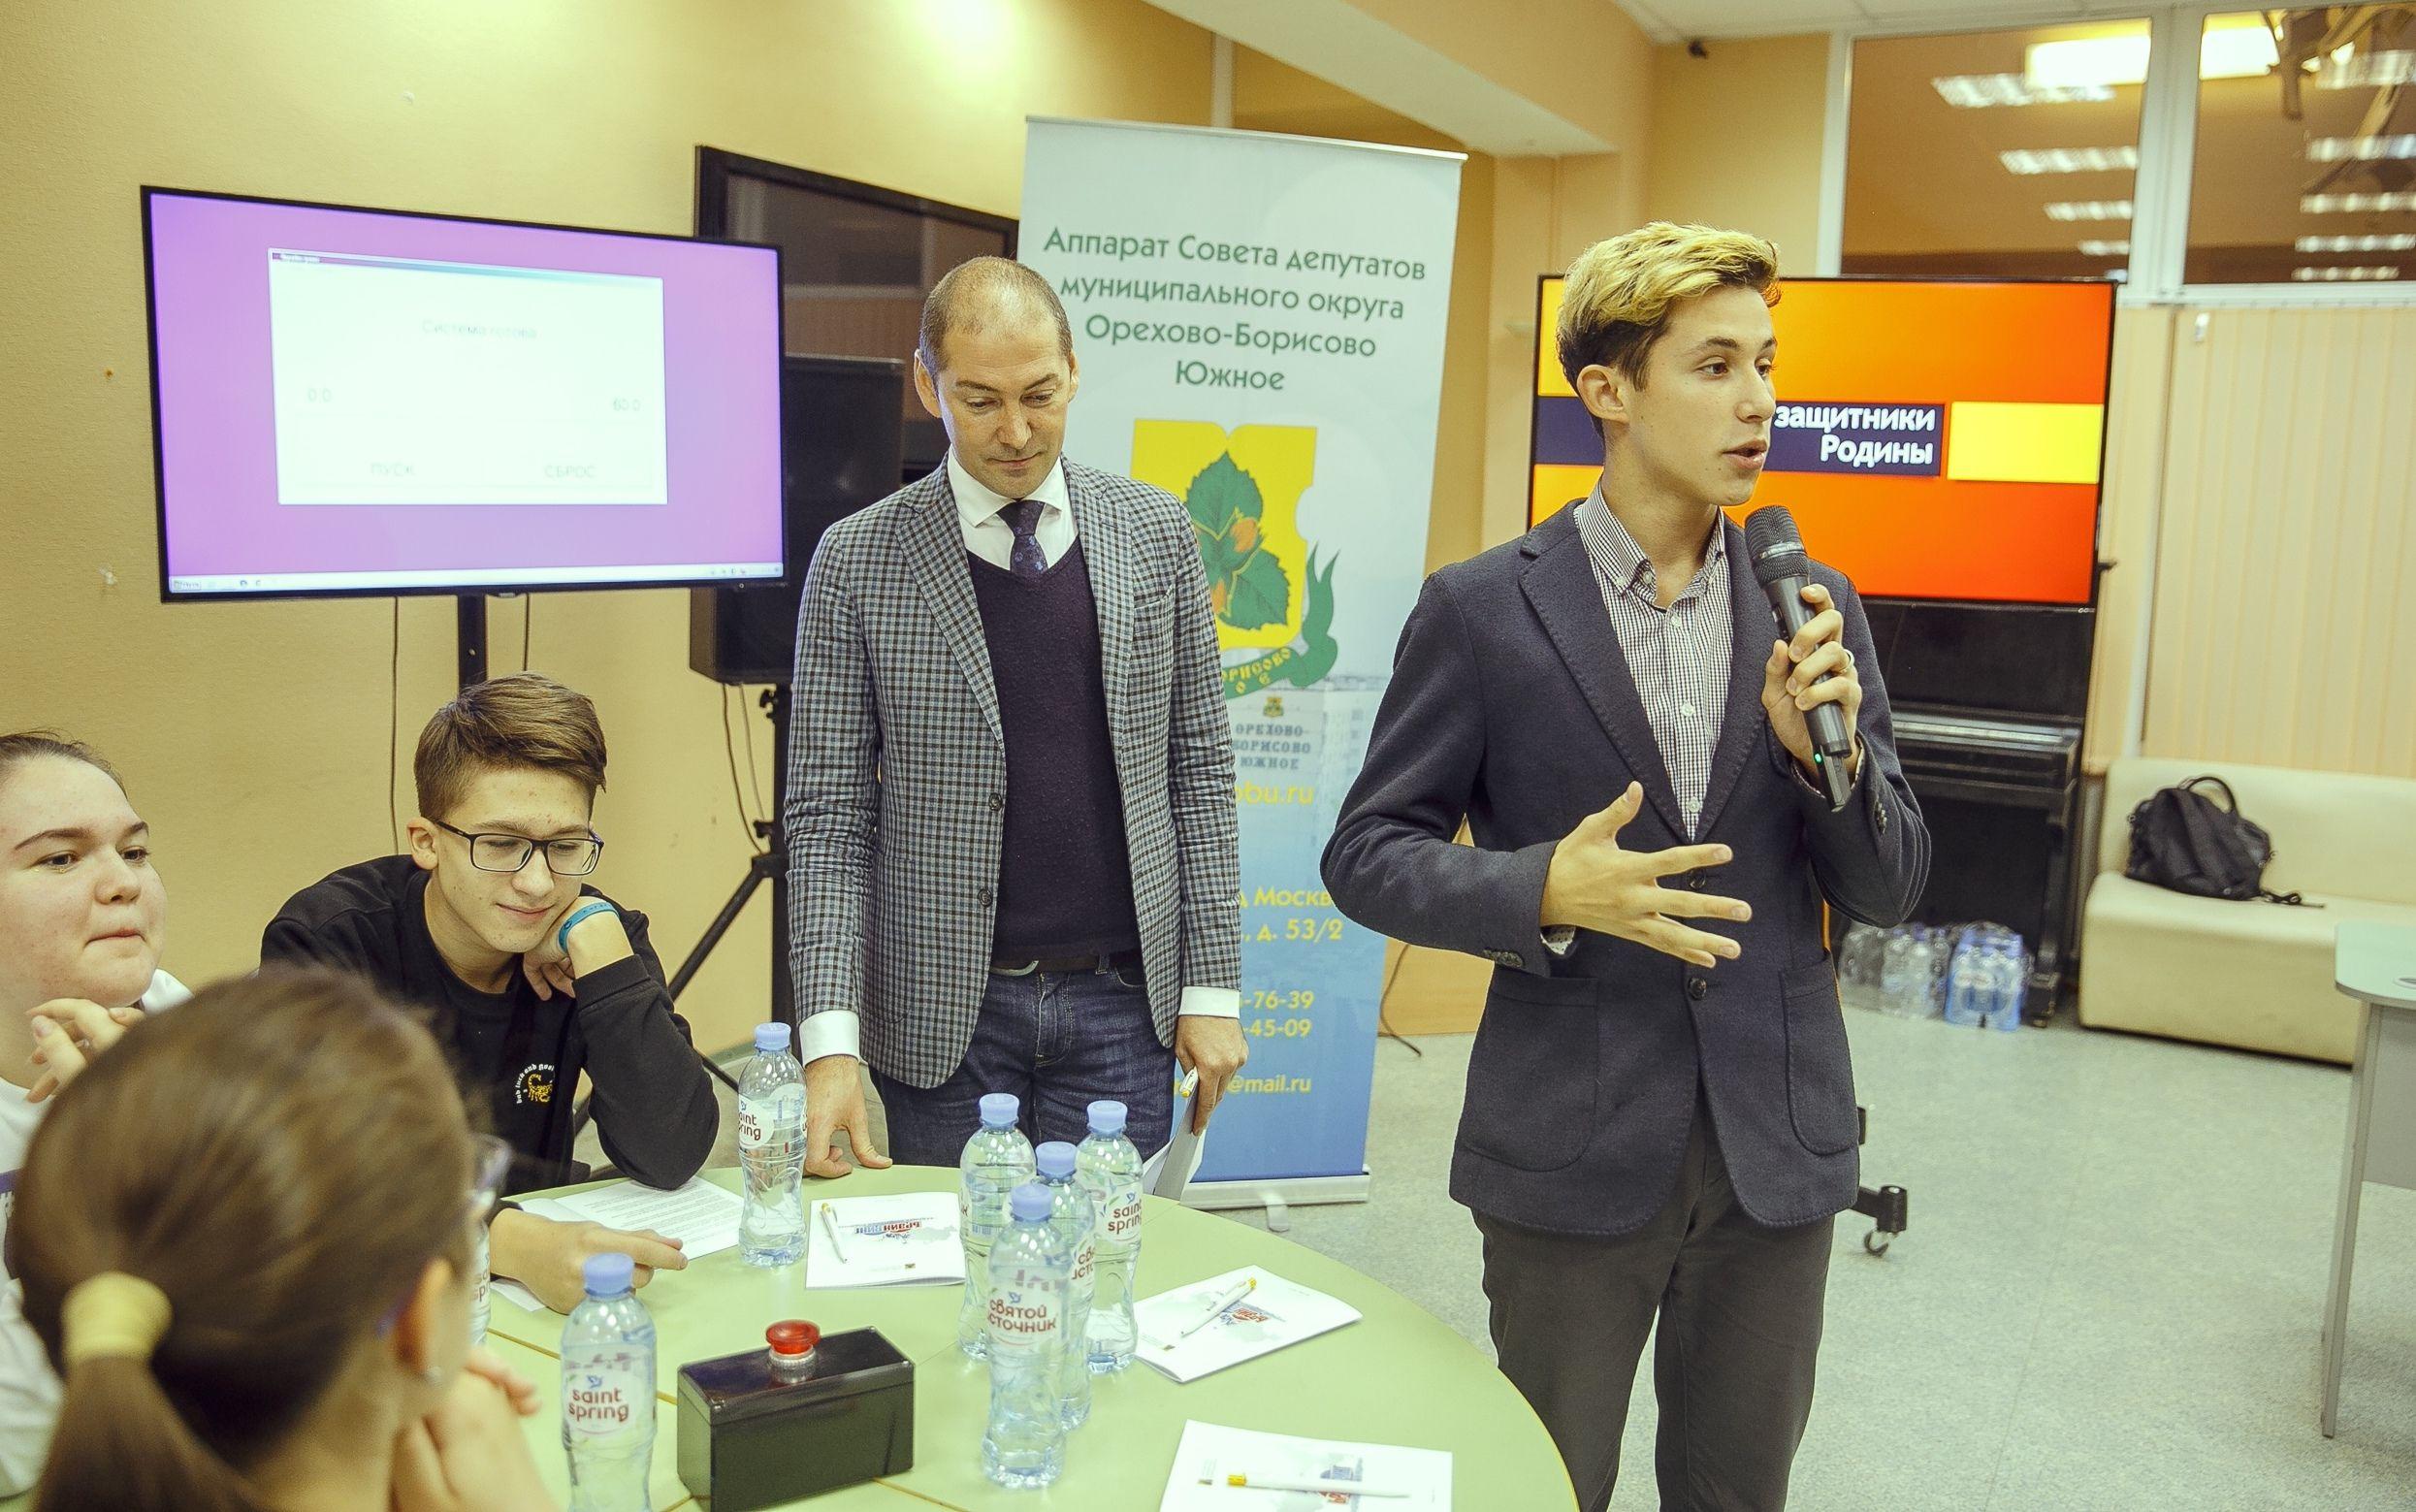 Кто умнее: ученики из Орехова-Борисова Южного посоревновались в знании истории